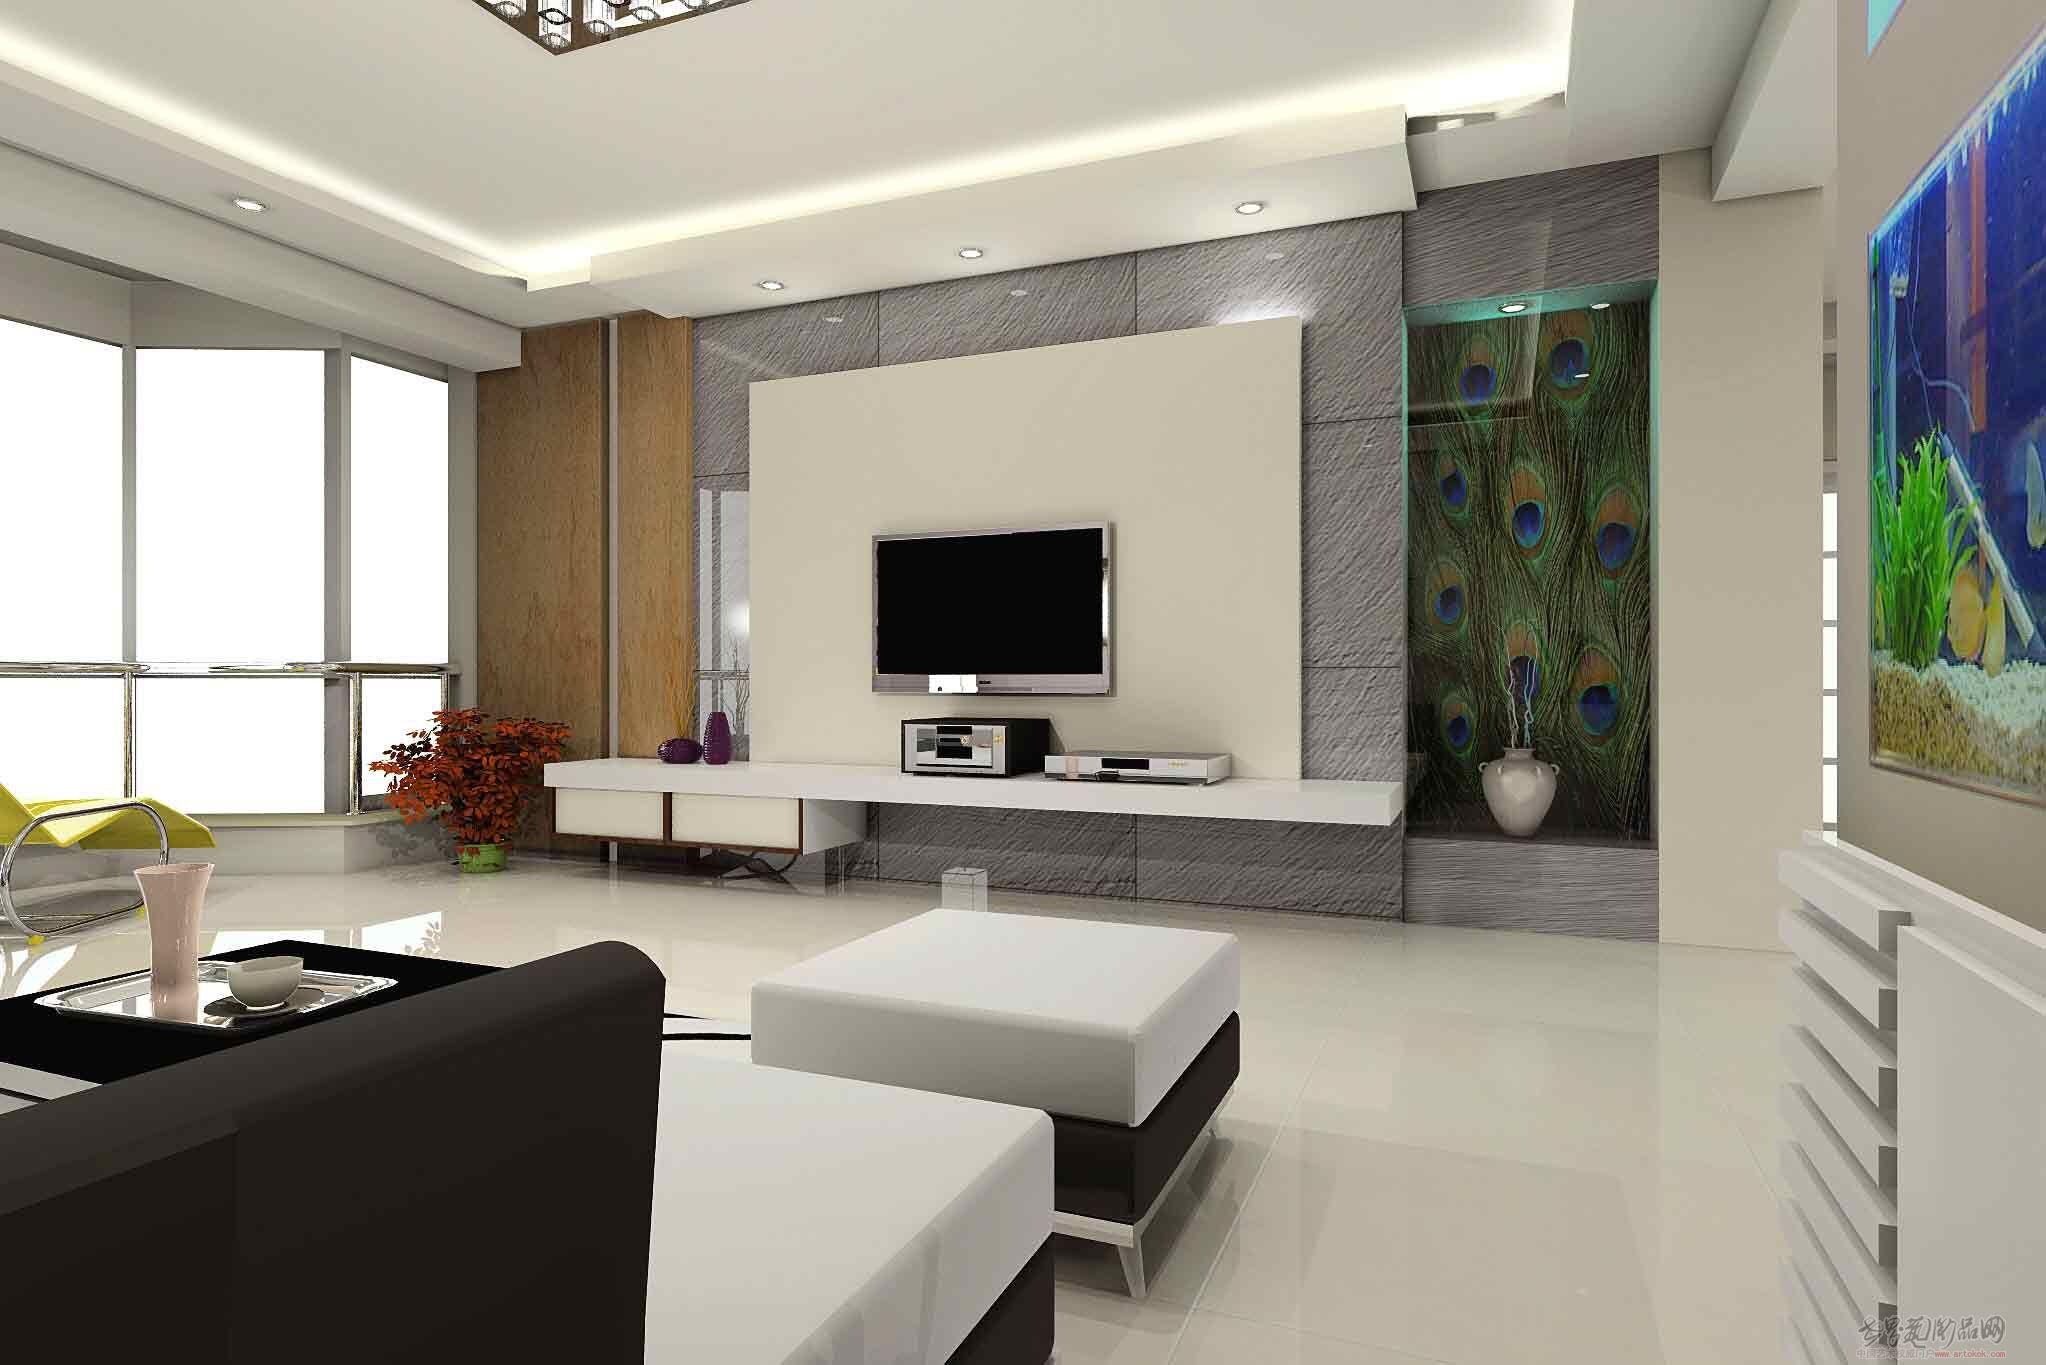 照片 沈扬 [辽宁 沈阳市]   设计师类型:室内设计师设计专长: 住宅